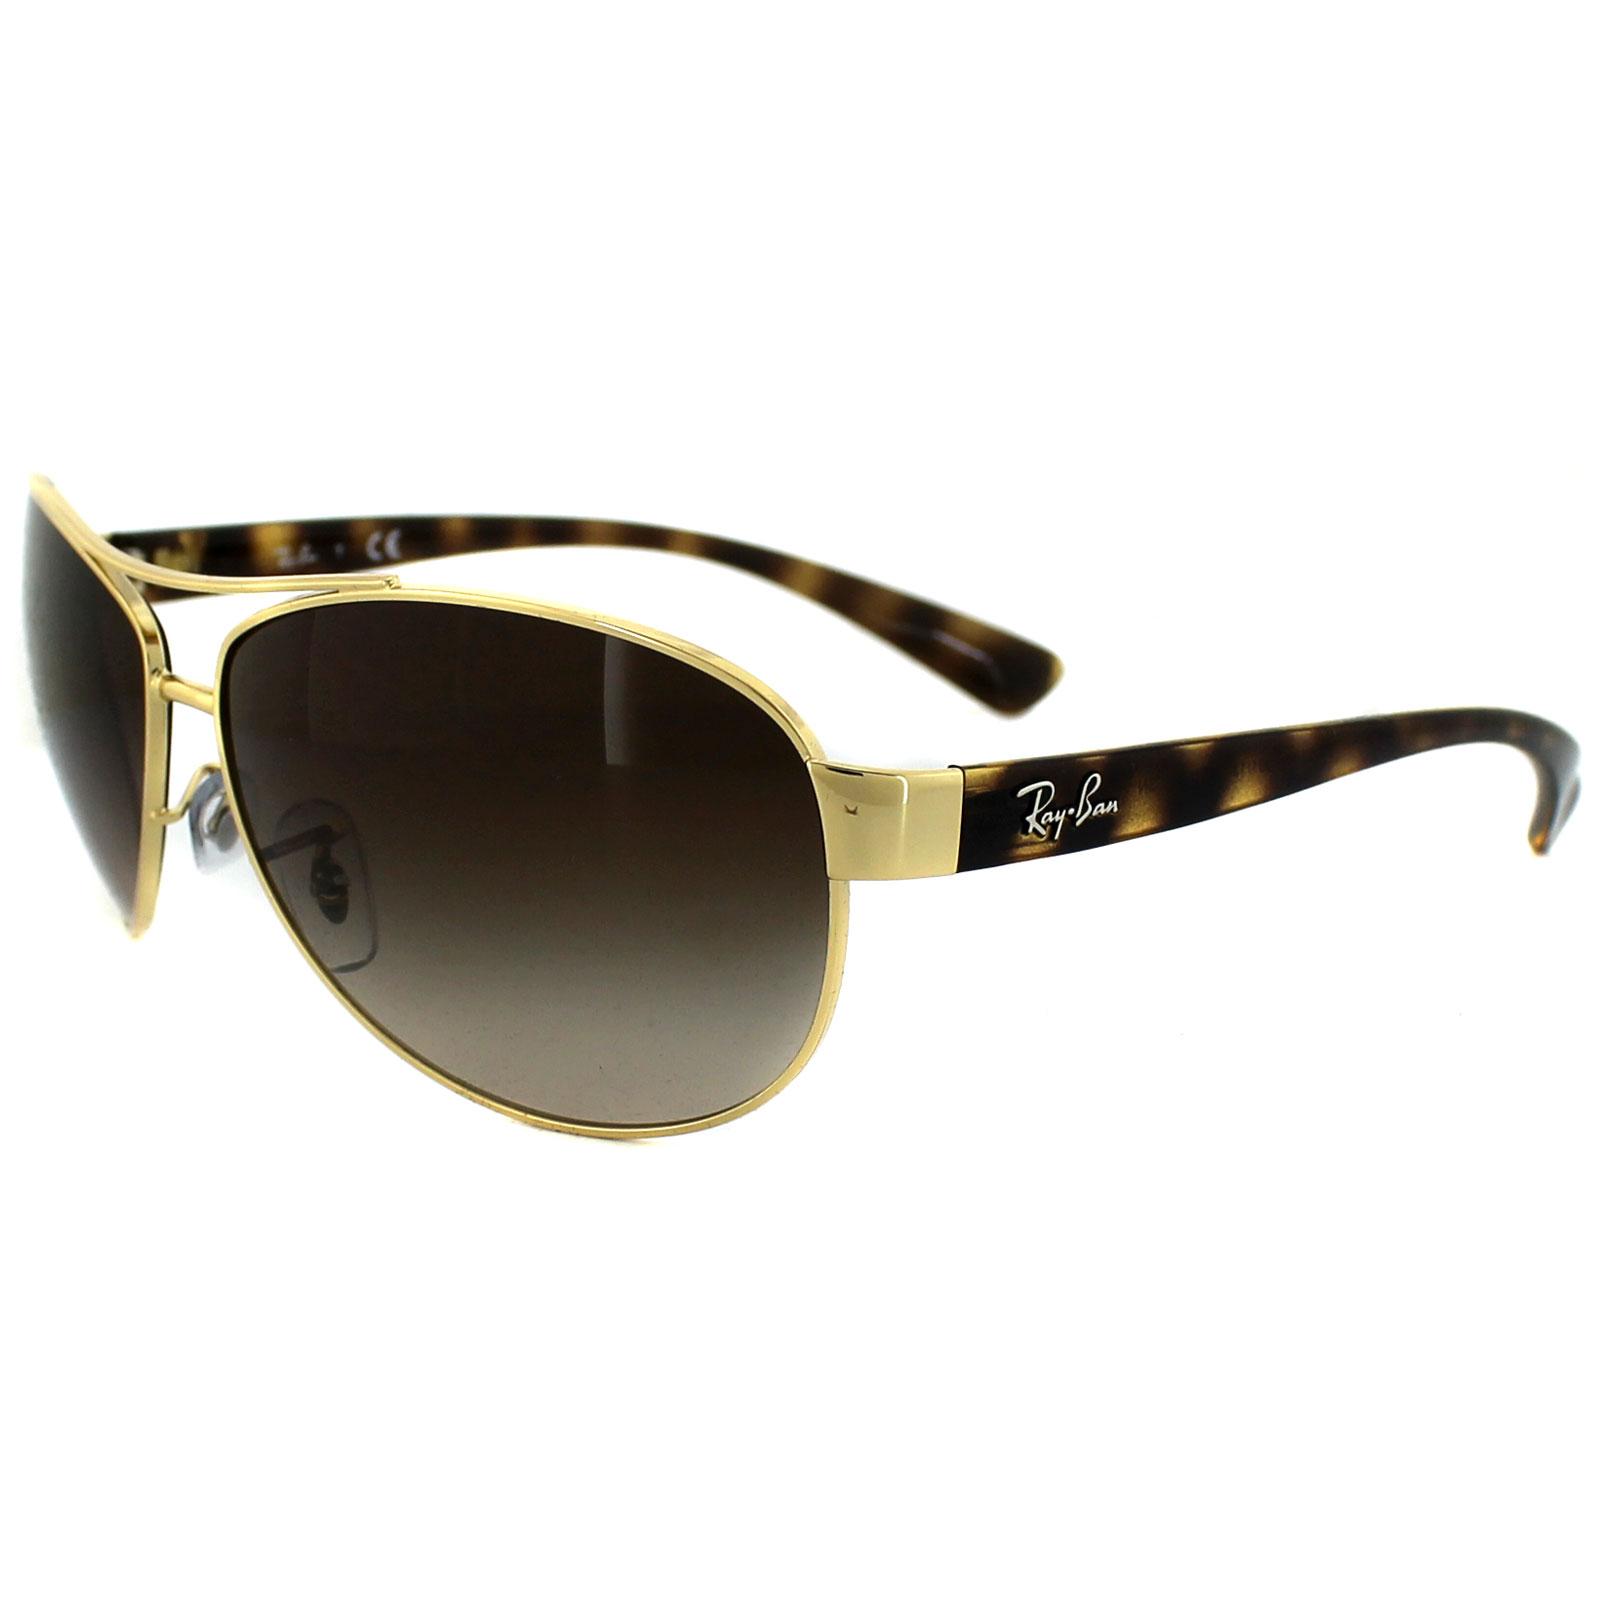 Original Mostrar De Gafas Oro Título 3386 Brown Acerca Sol Gradient 63mm Detalles Ban Pequeño Ray 00113 AjL345qcR